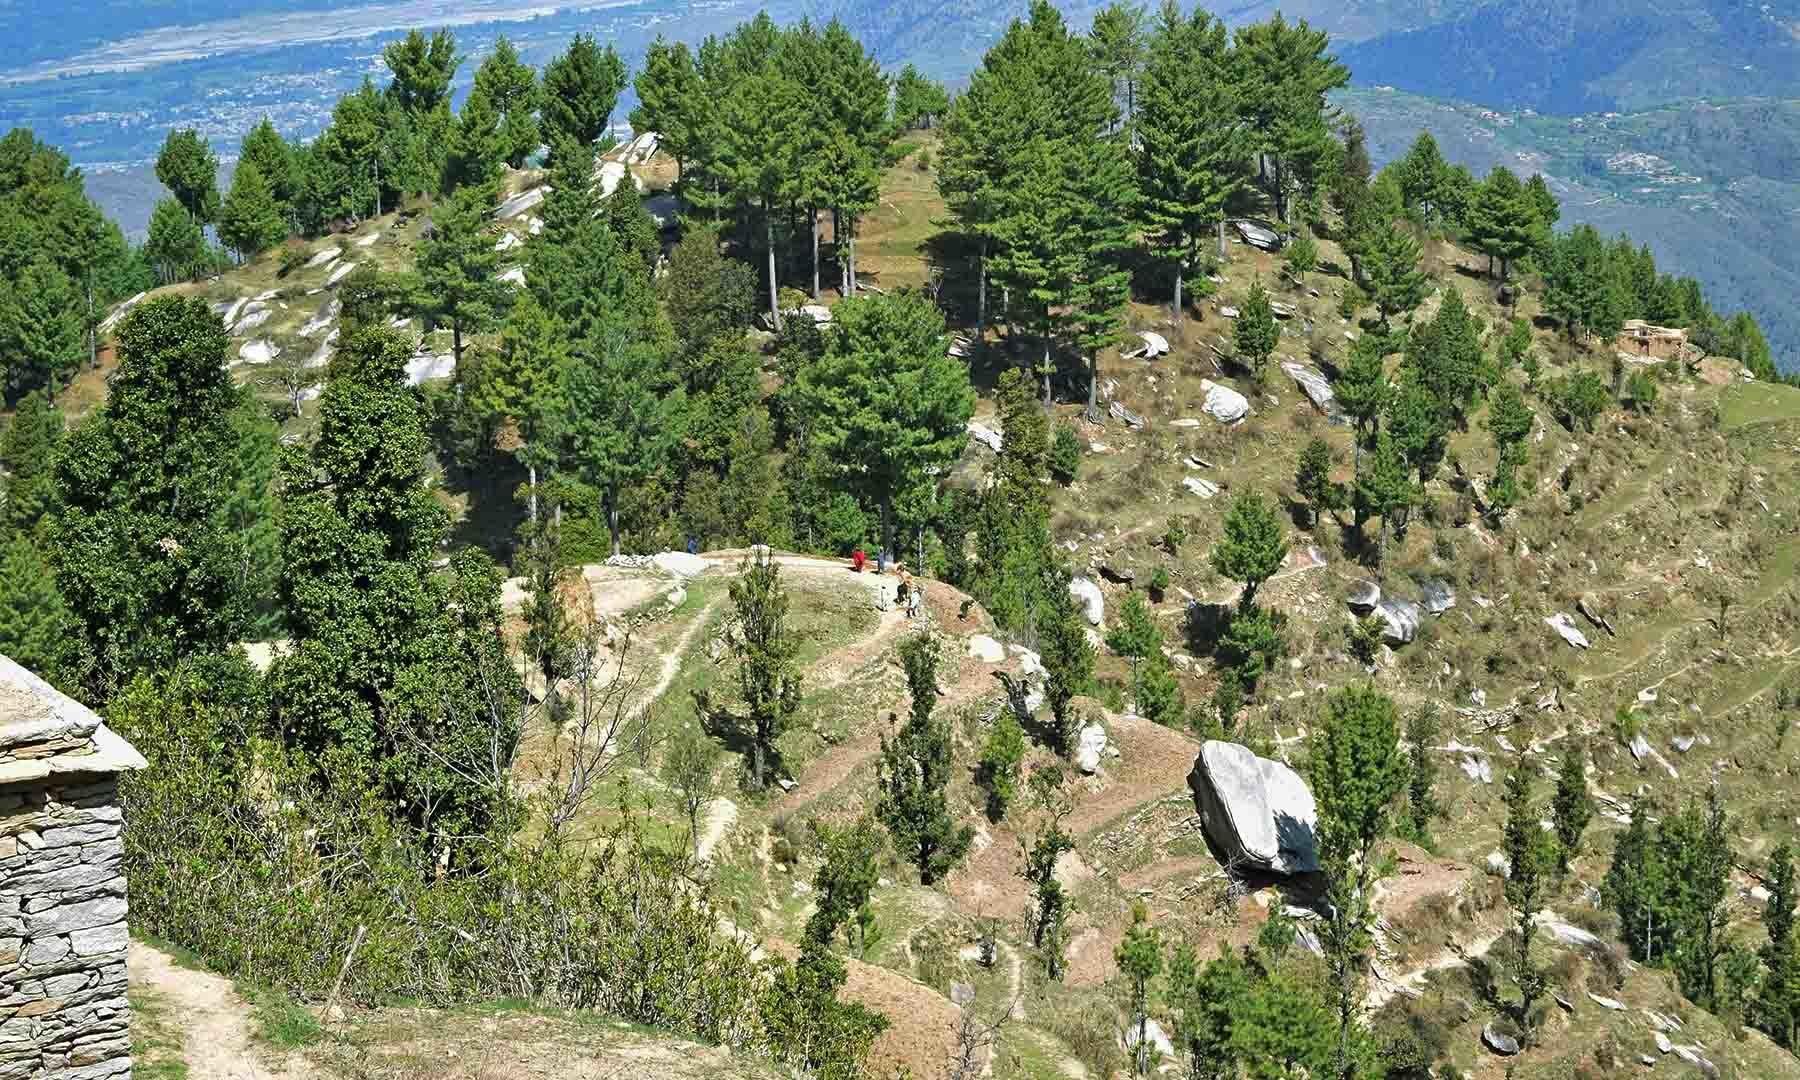 سرے شاہ سر چوٹی سے نظر آنے والا منظر— تصویر امجد علی سحاب